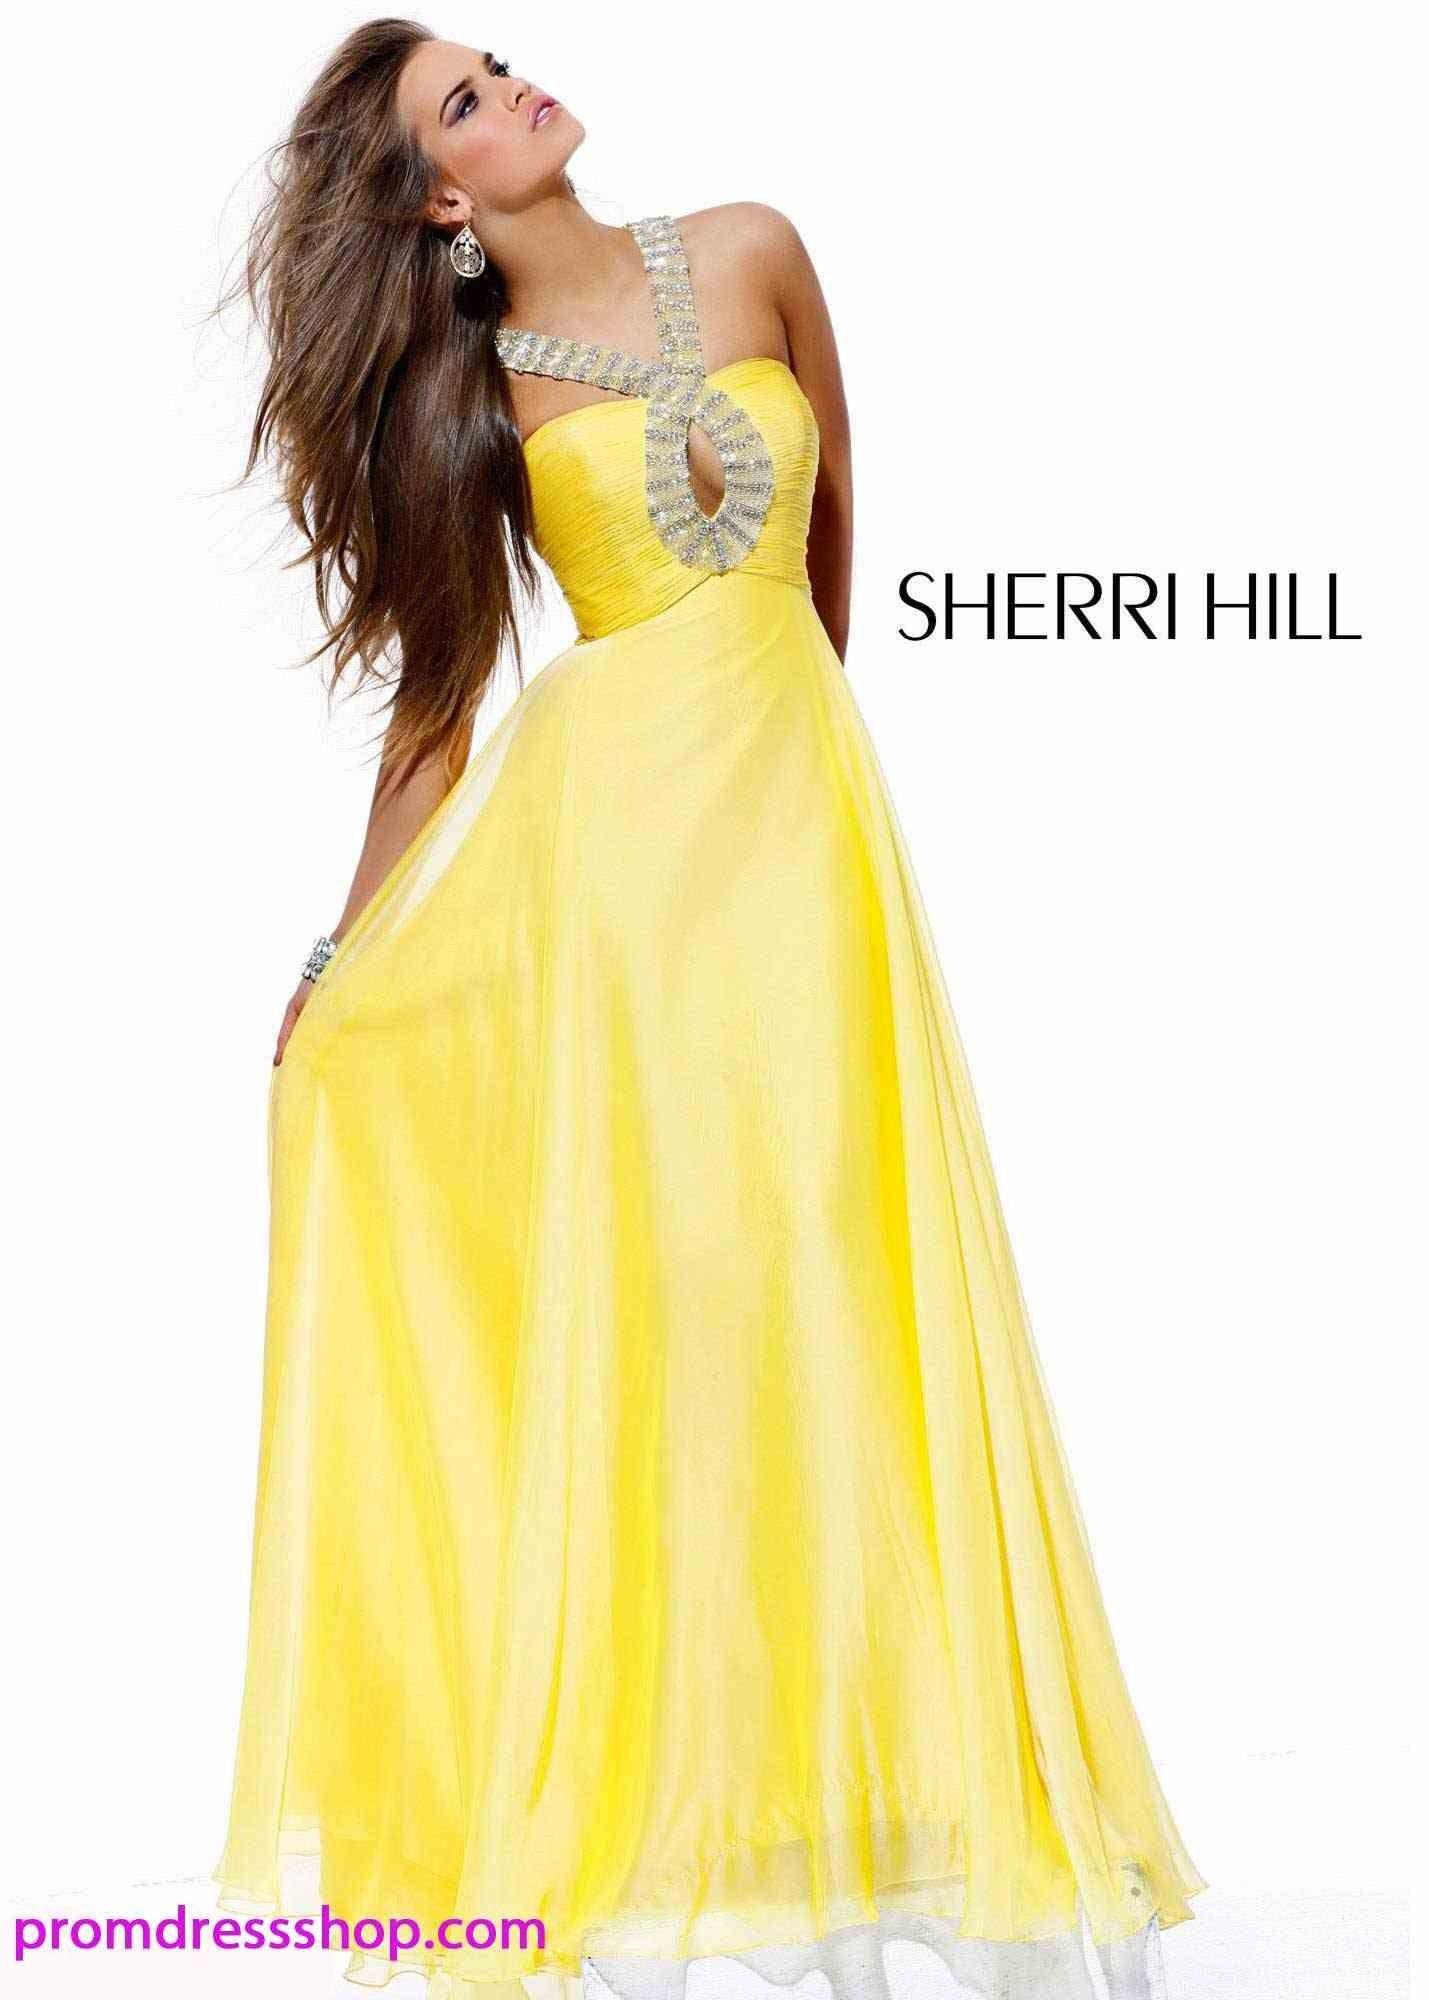 b16df596a3fb Sherri Hill yellow prom dress!!  )